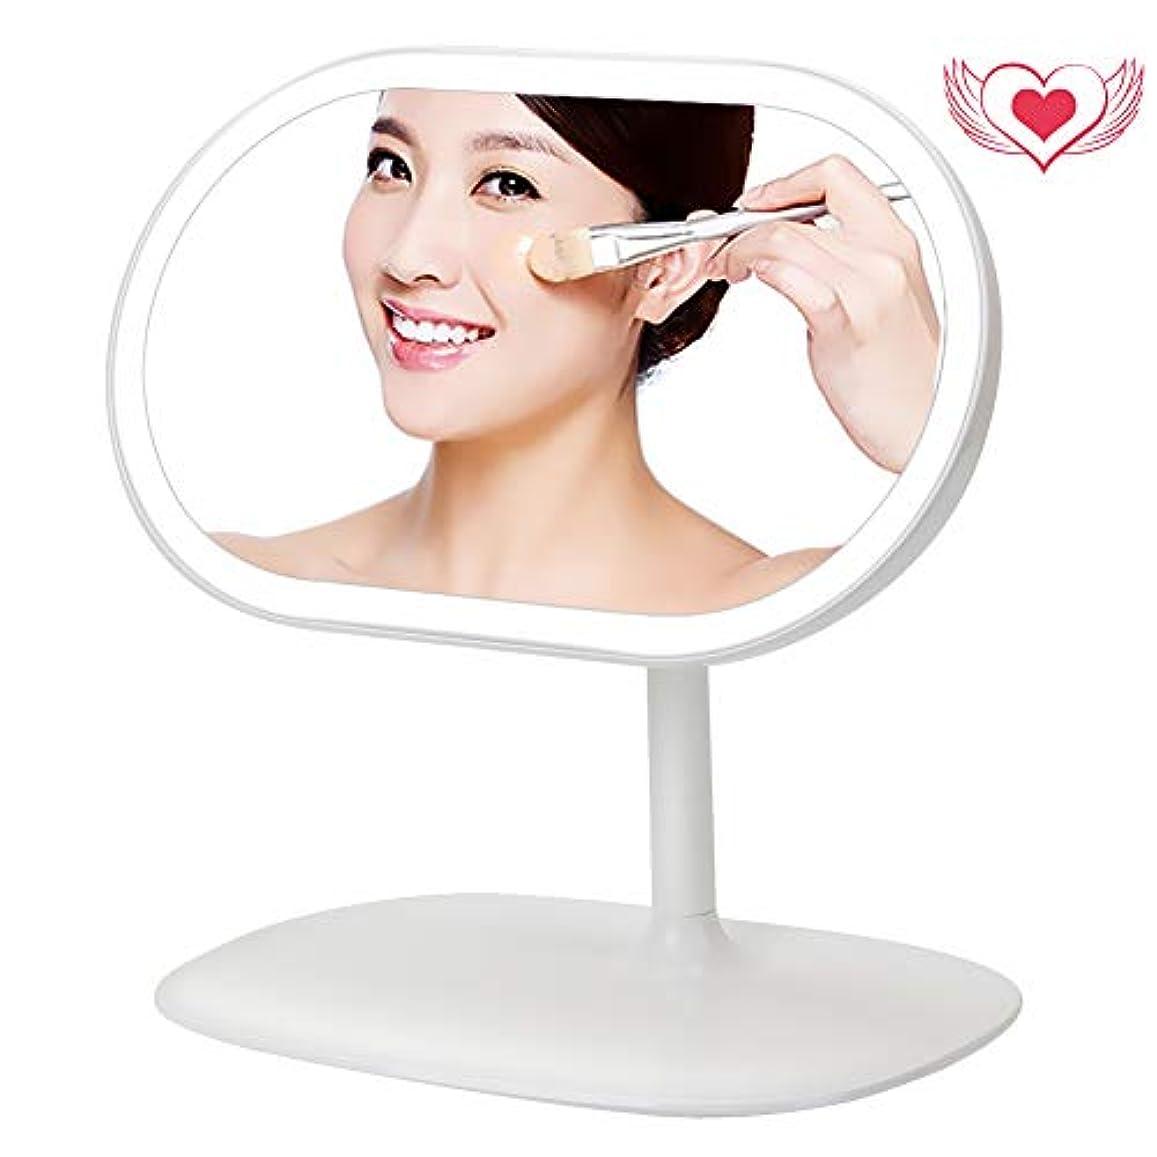 有毒警告ノベルティ美人さんの鏡 化粧鏡 LED ライト付き 3 in 1 デスクライト USB充電 収納台座 メイクアップ 卓上ミラー 磁気 360度回転 化粧ミラー